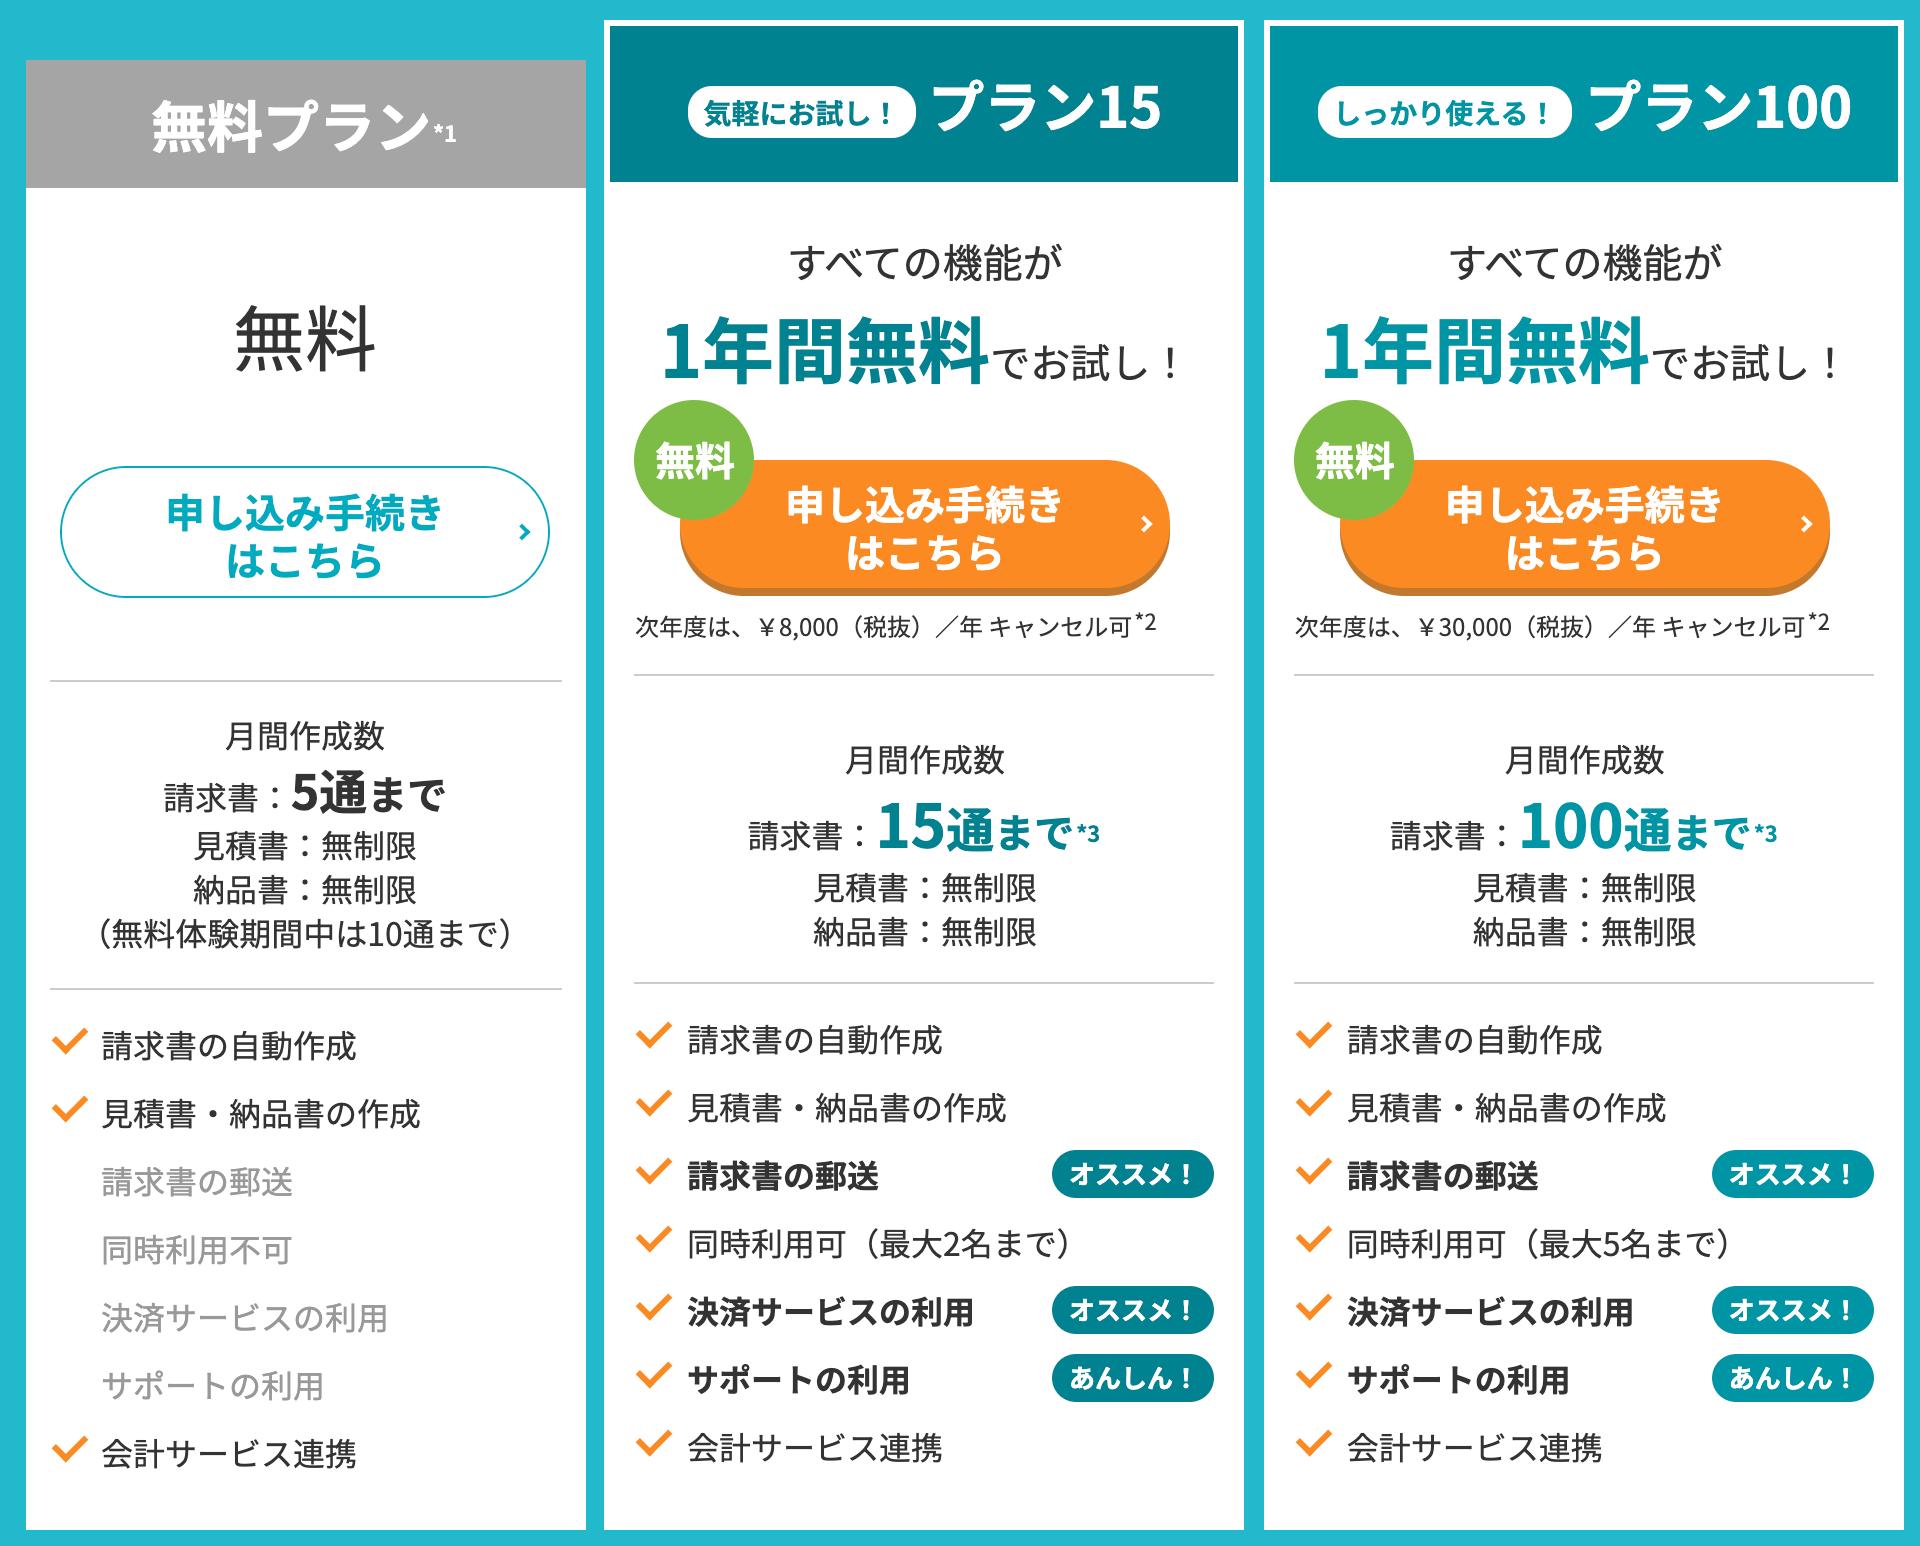 【2021最新版】クラウド型の会計・確定申告ソフト、徹底比較まとめ【無料/有料】 Misoca